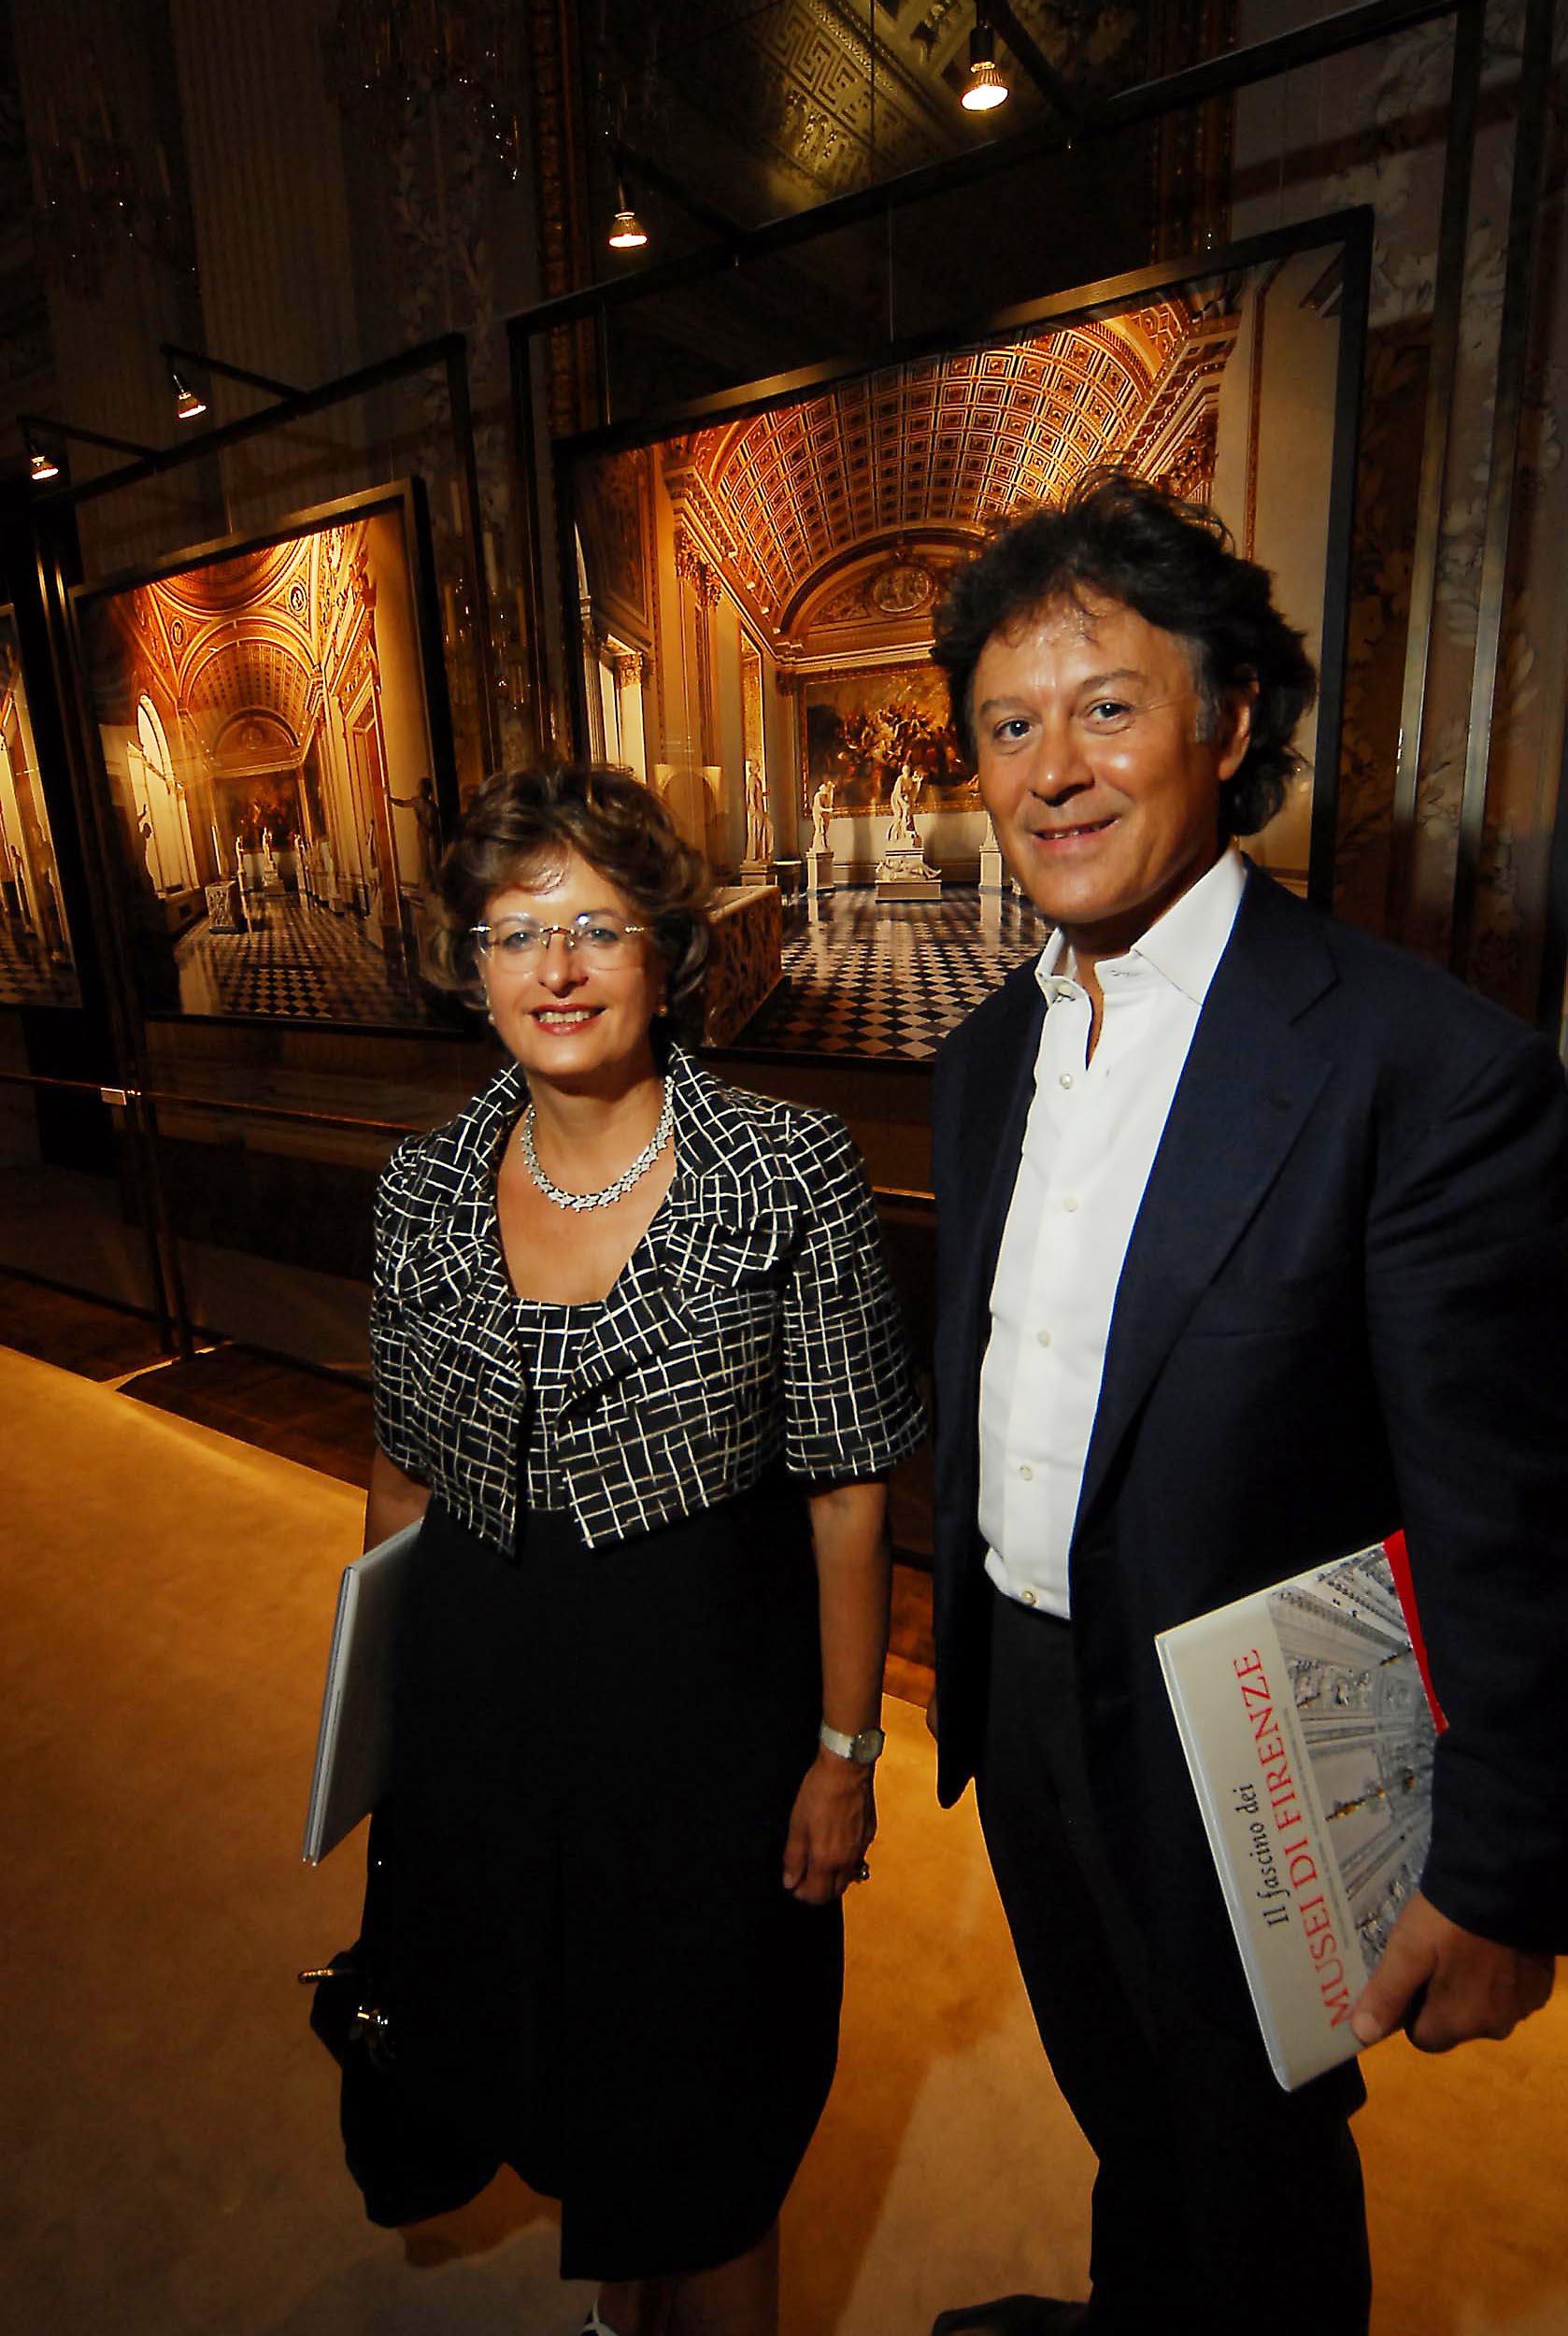 PRESSPHOTO  Firenze, Palazzo Pitti Galleria Palatina, mostra fotografica di Massimo Listri. Nella foto Cristina Acidini e Massimo Listri